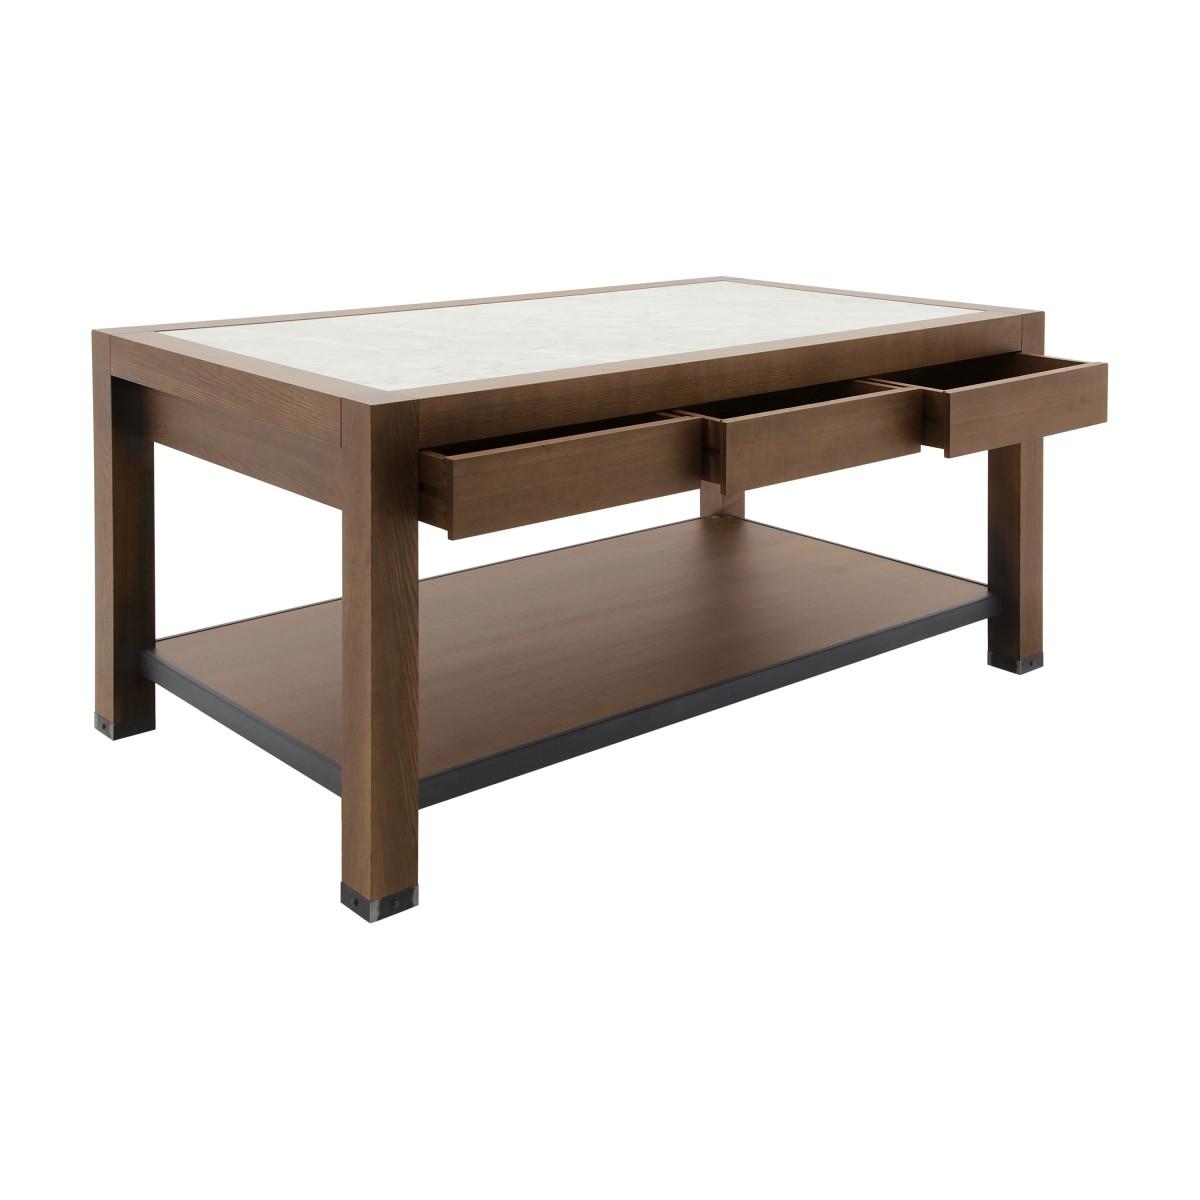 Table Linteum - Sevensedie